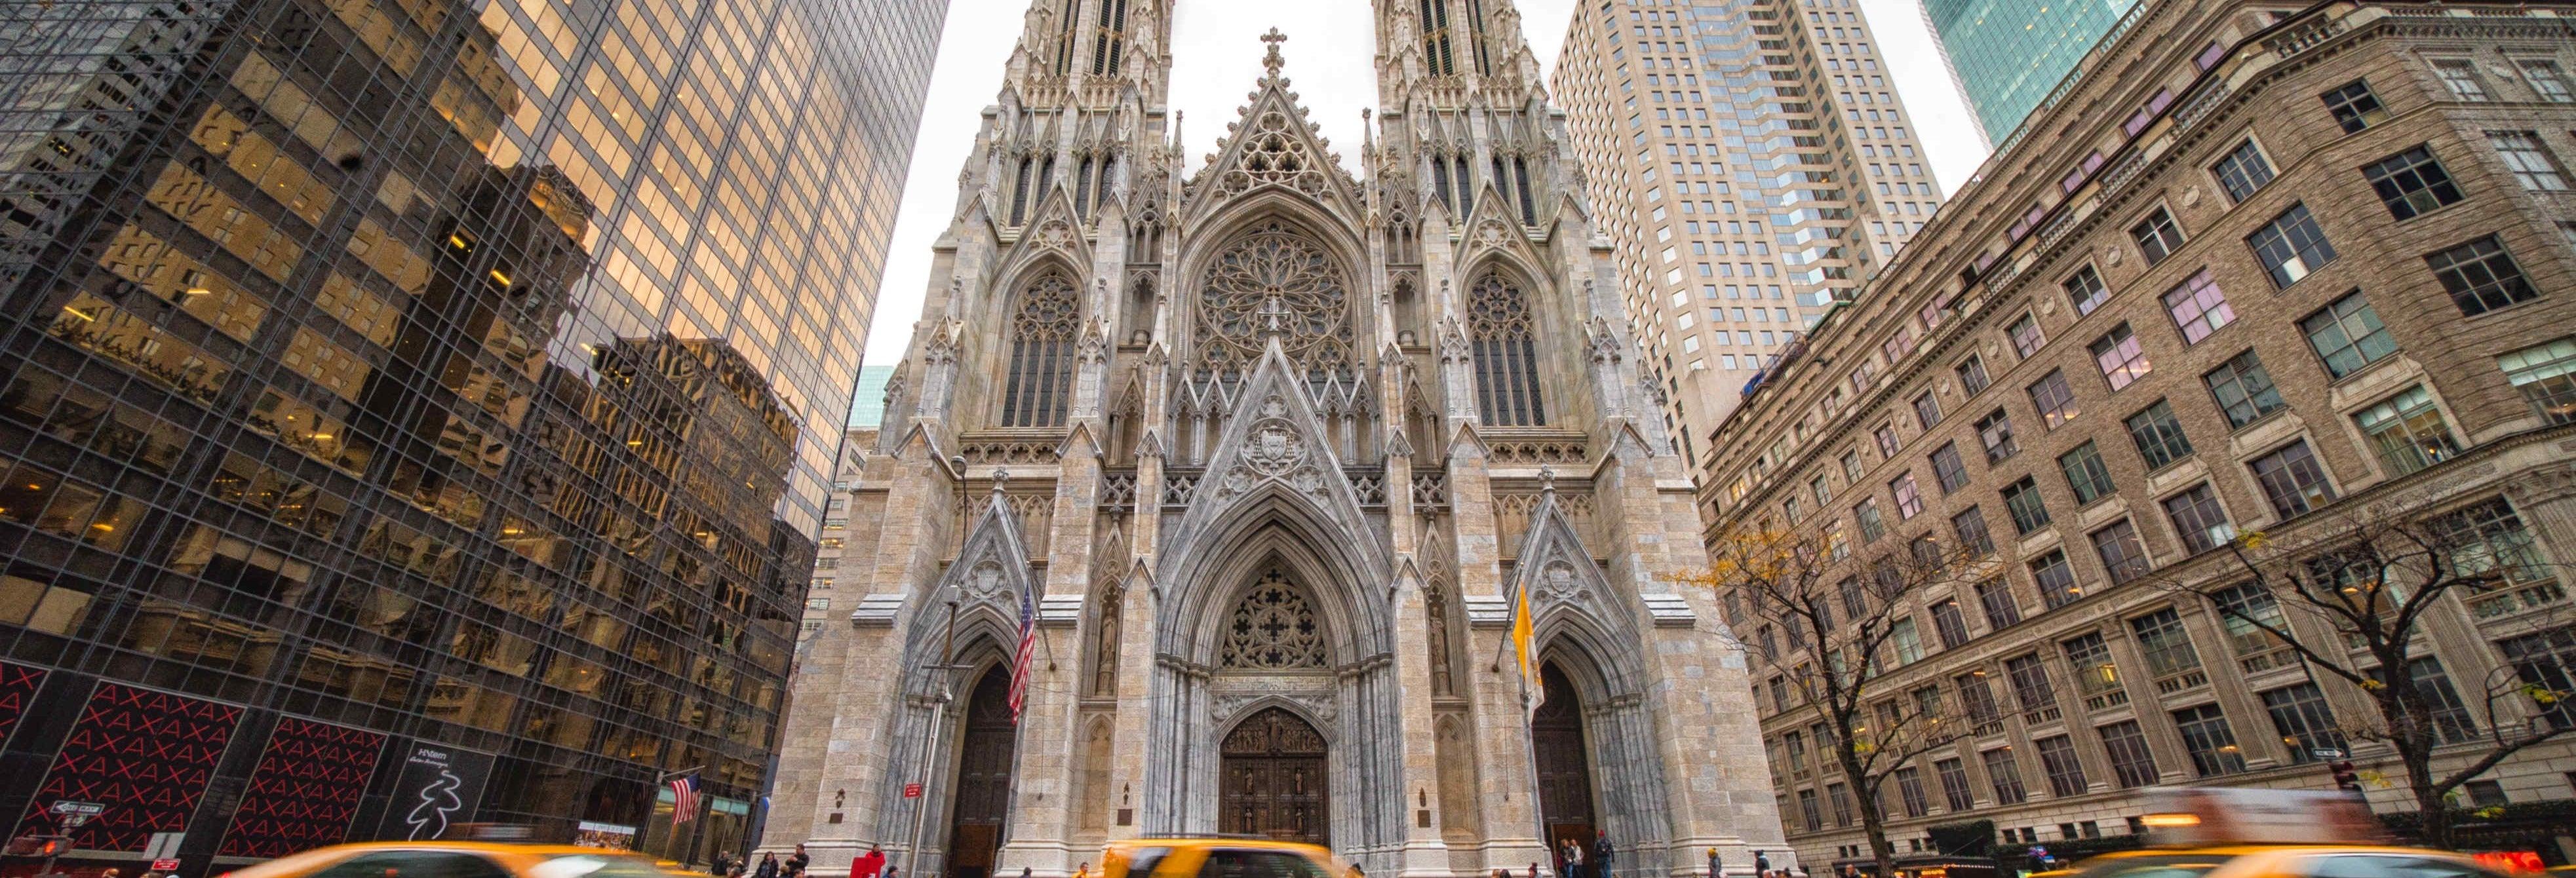 Ingresso da catedral de St. Patrick com audioguia